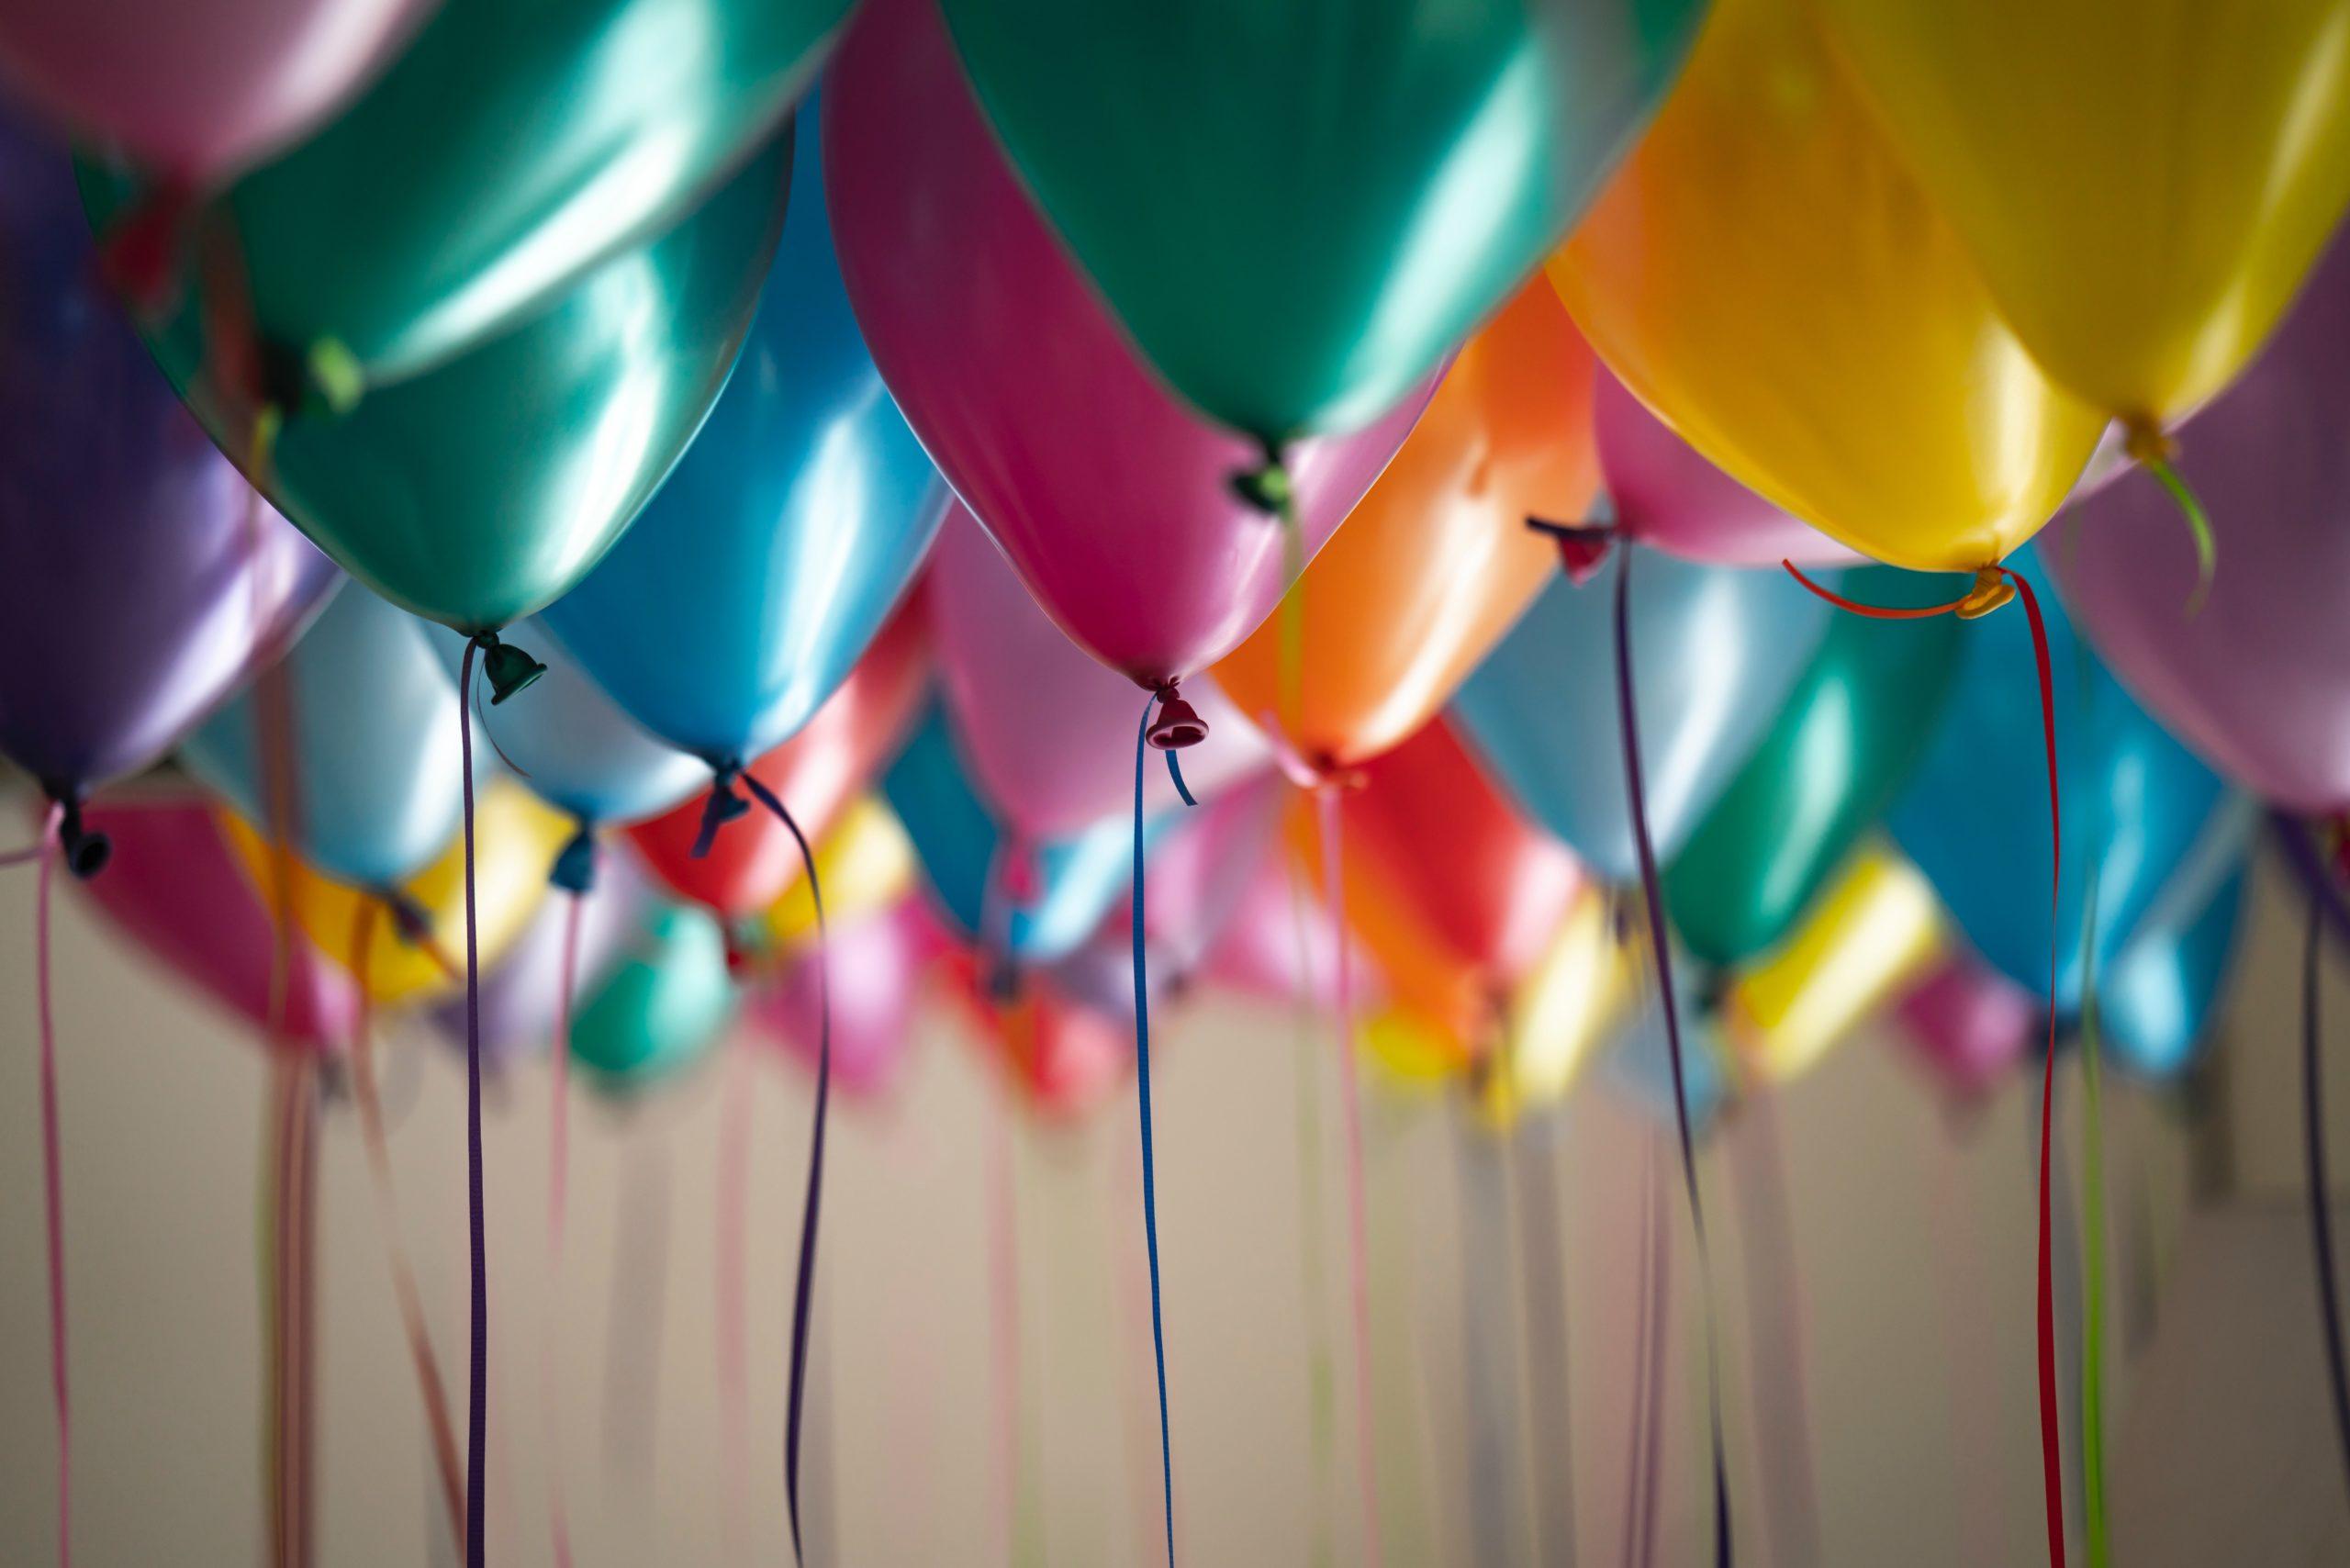 Palloncini colorati durante un compleanno a scuola